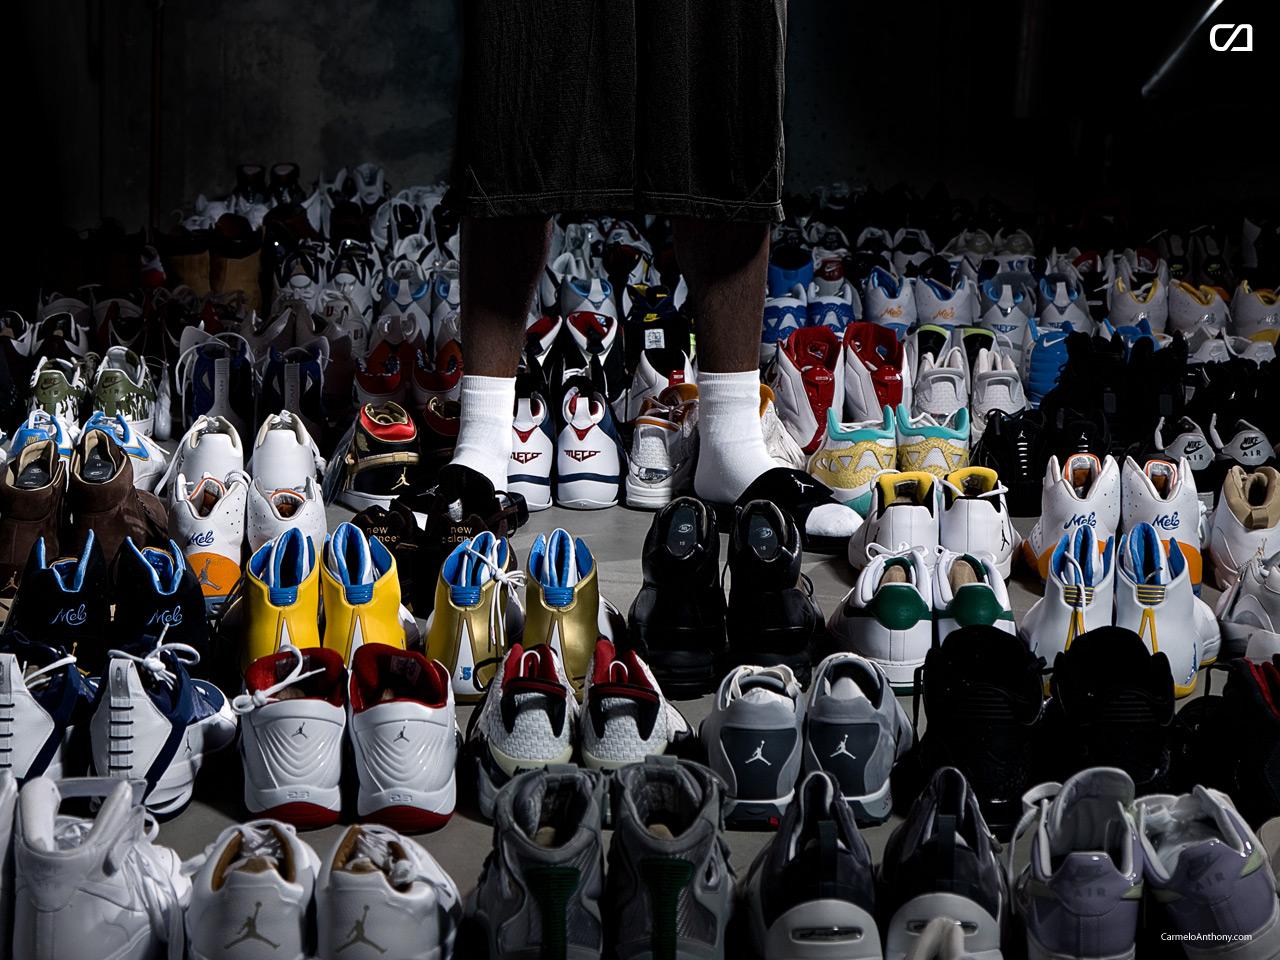 Cách chọn giày bóng rổ phù hợp vị trí & lối đánh, bạn đã biết chưa?